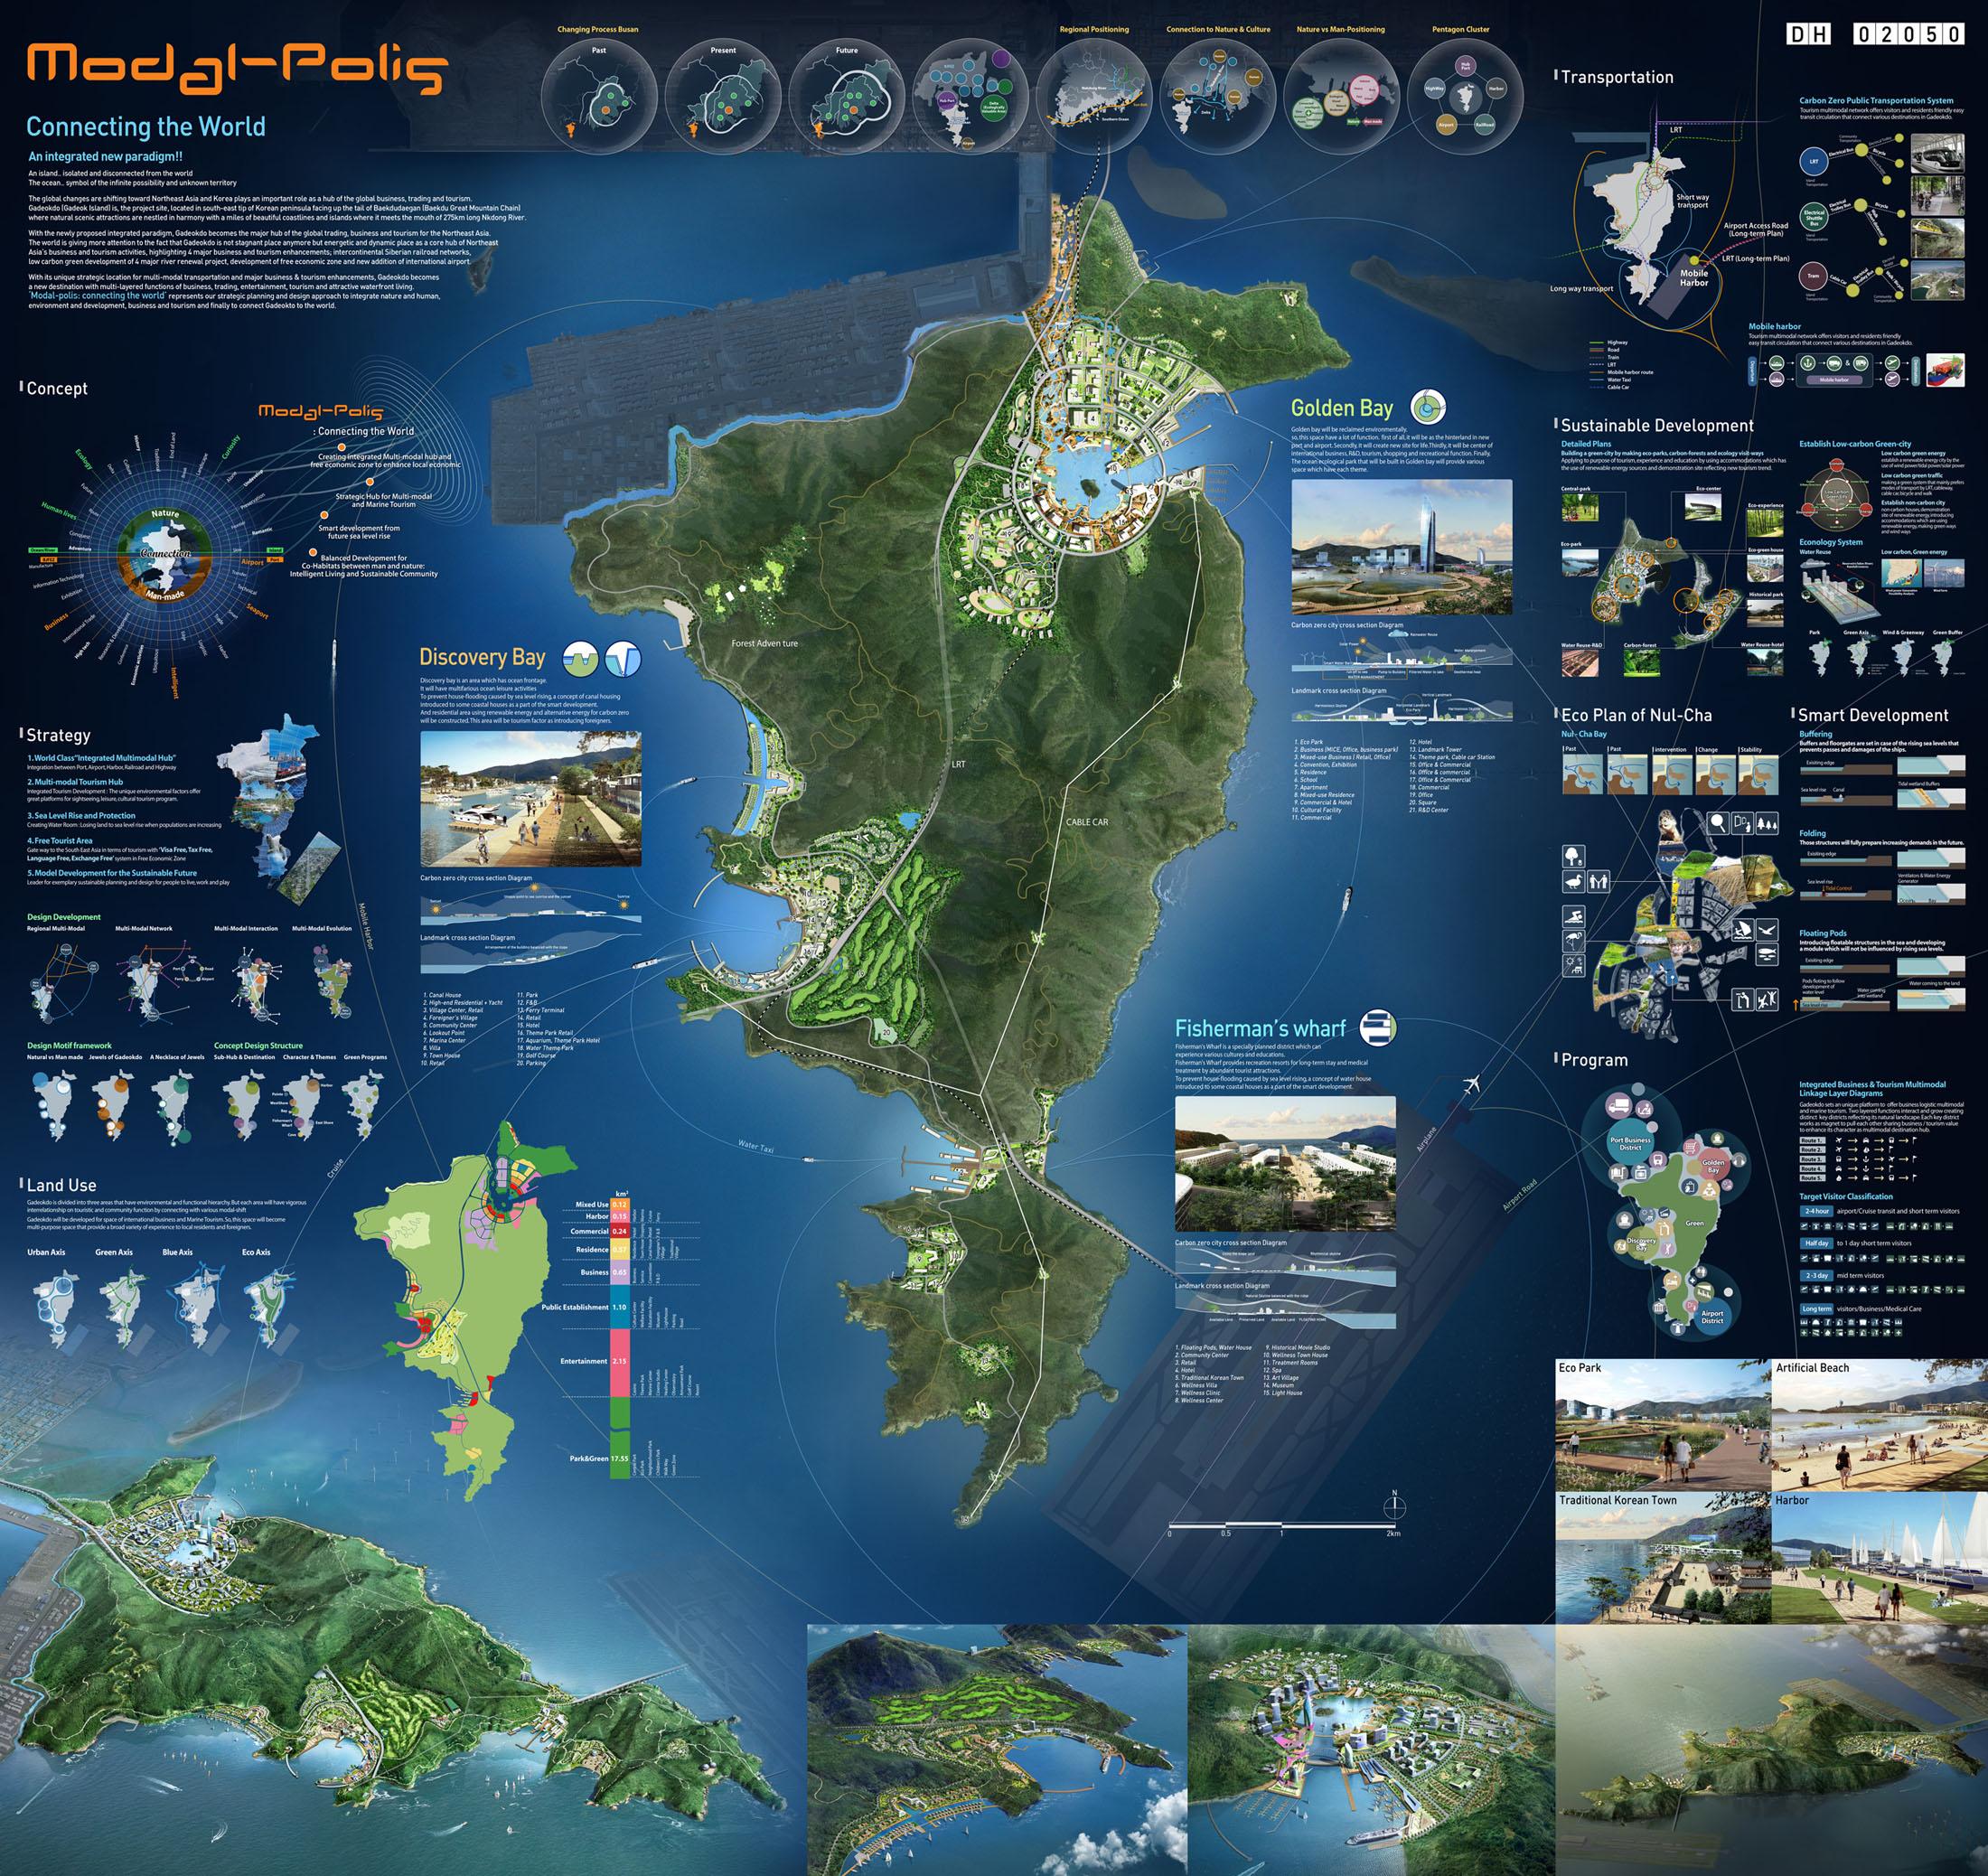 Resort Master Planning